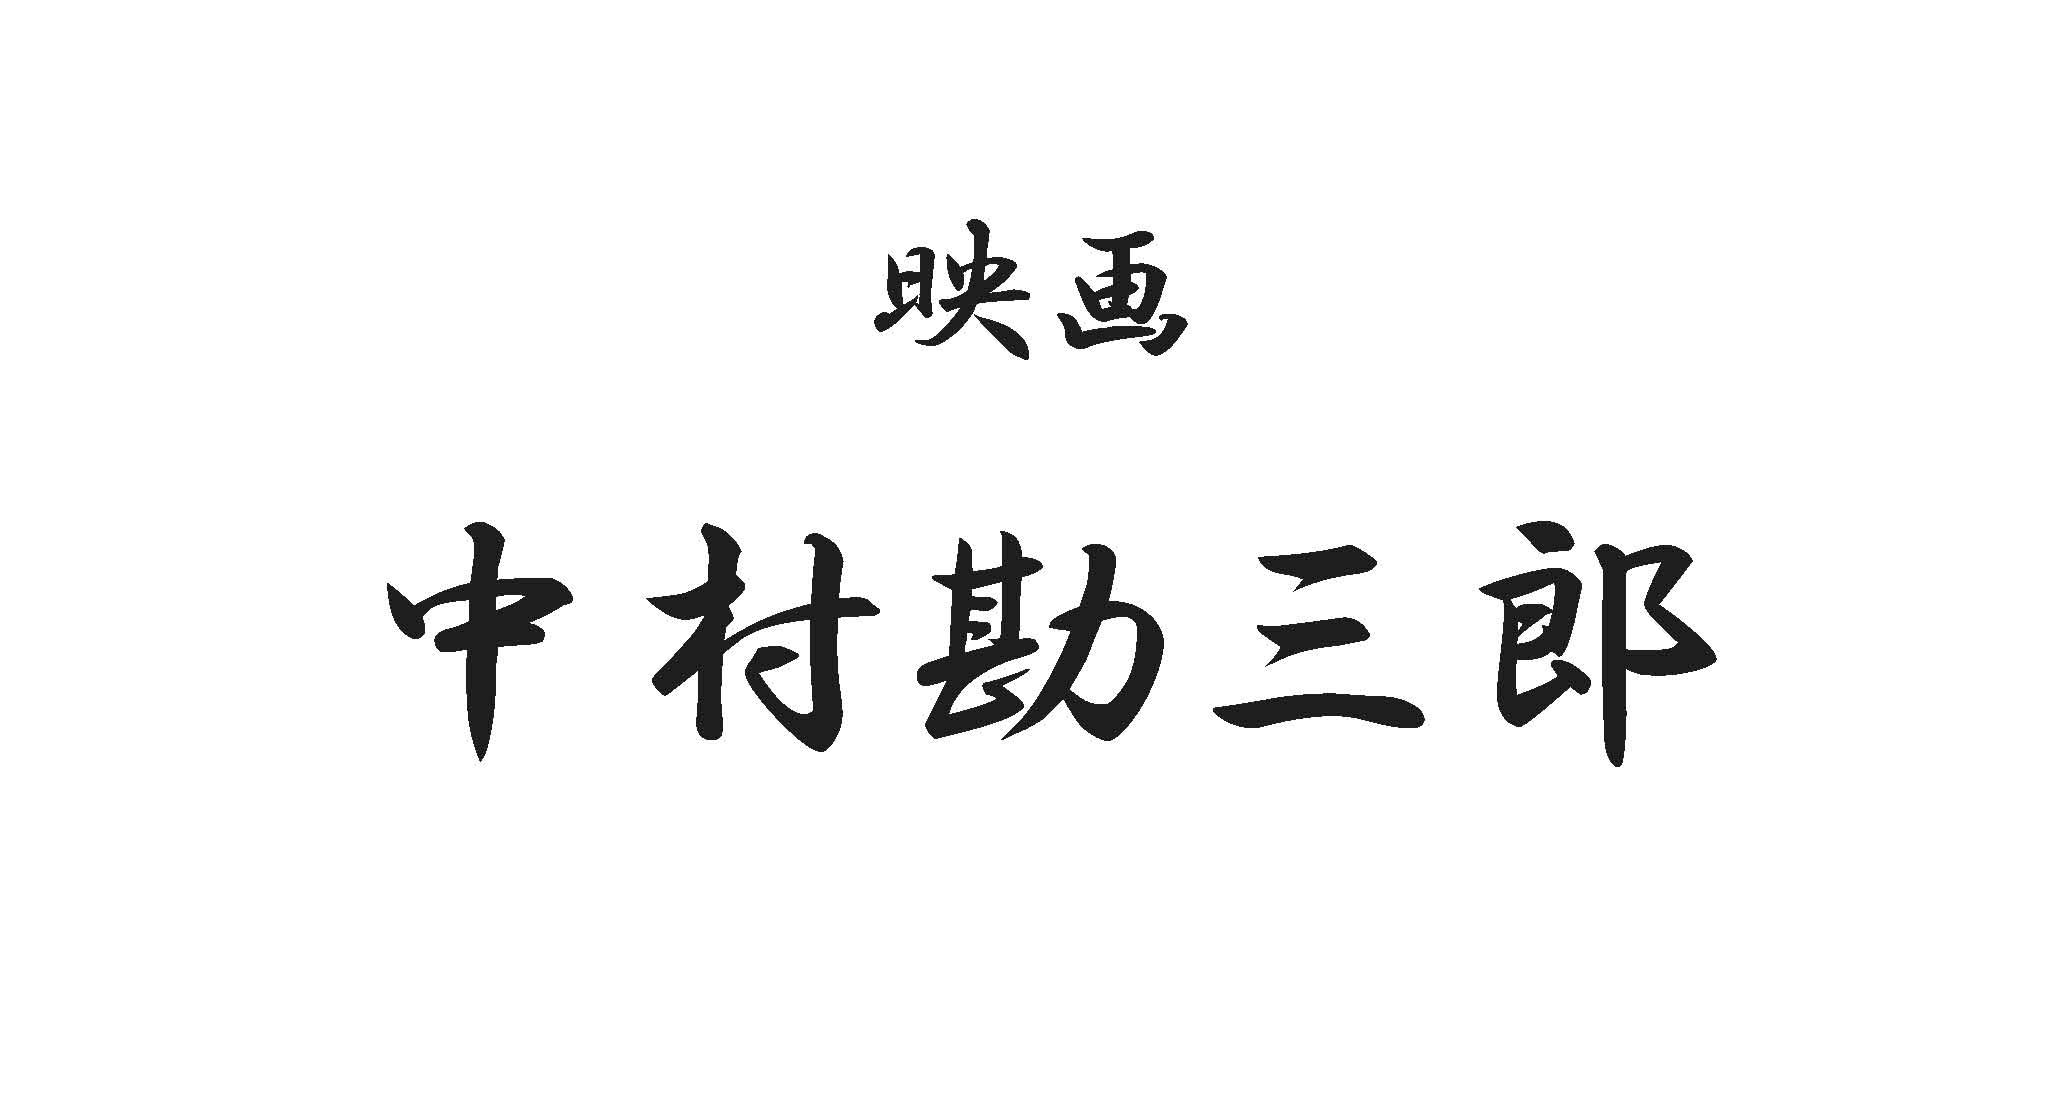 「映画 中村勘三郎」